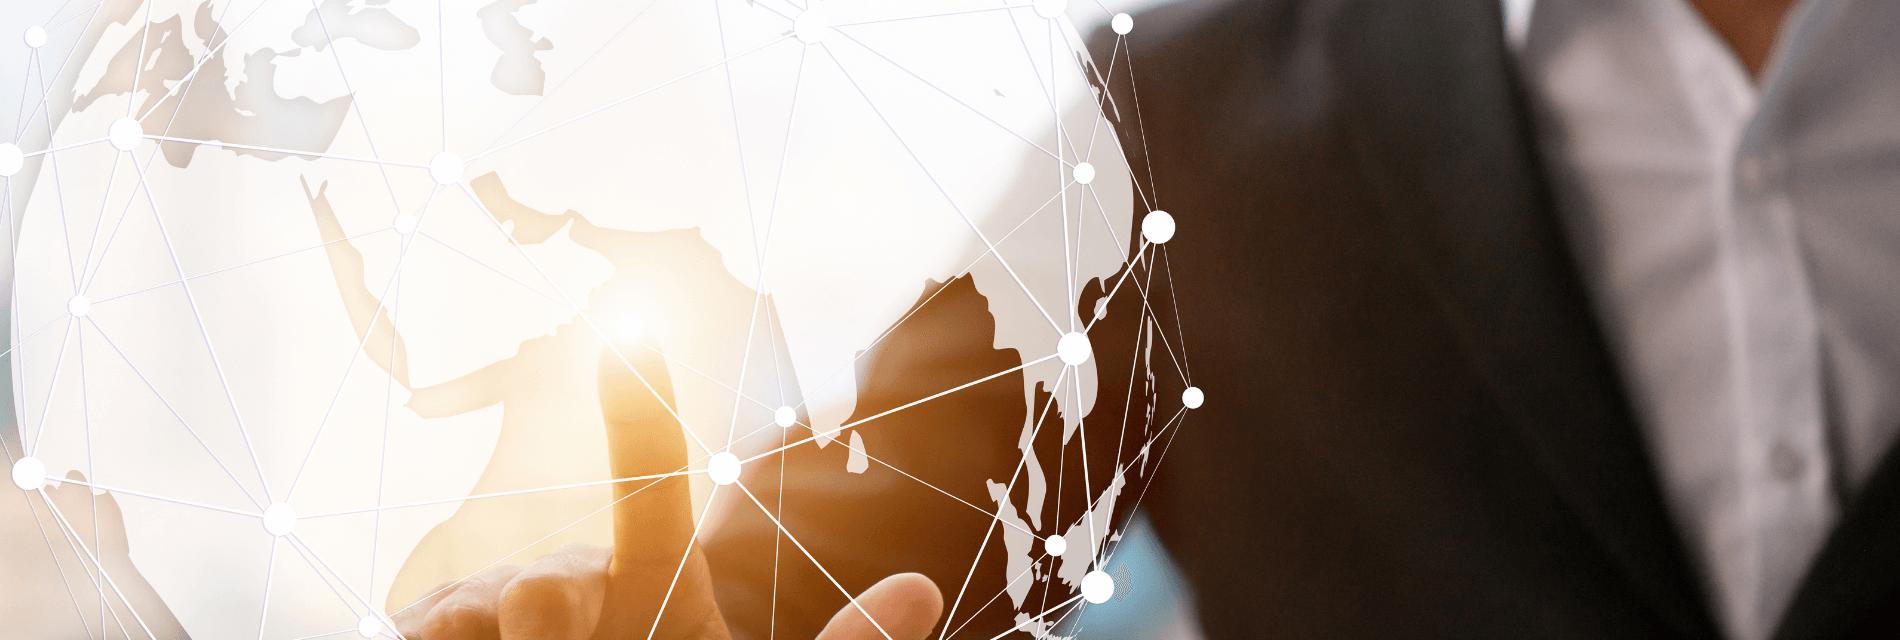 Geschäftsmann tippt auf digitale Weltkugel